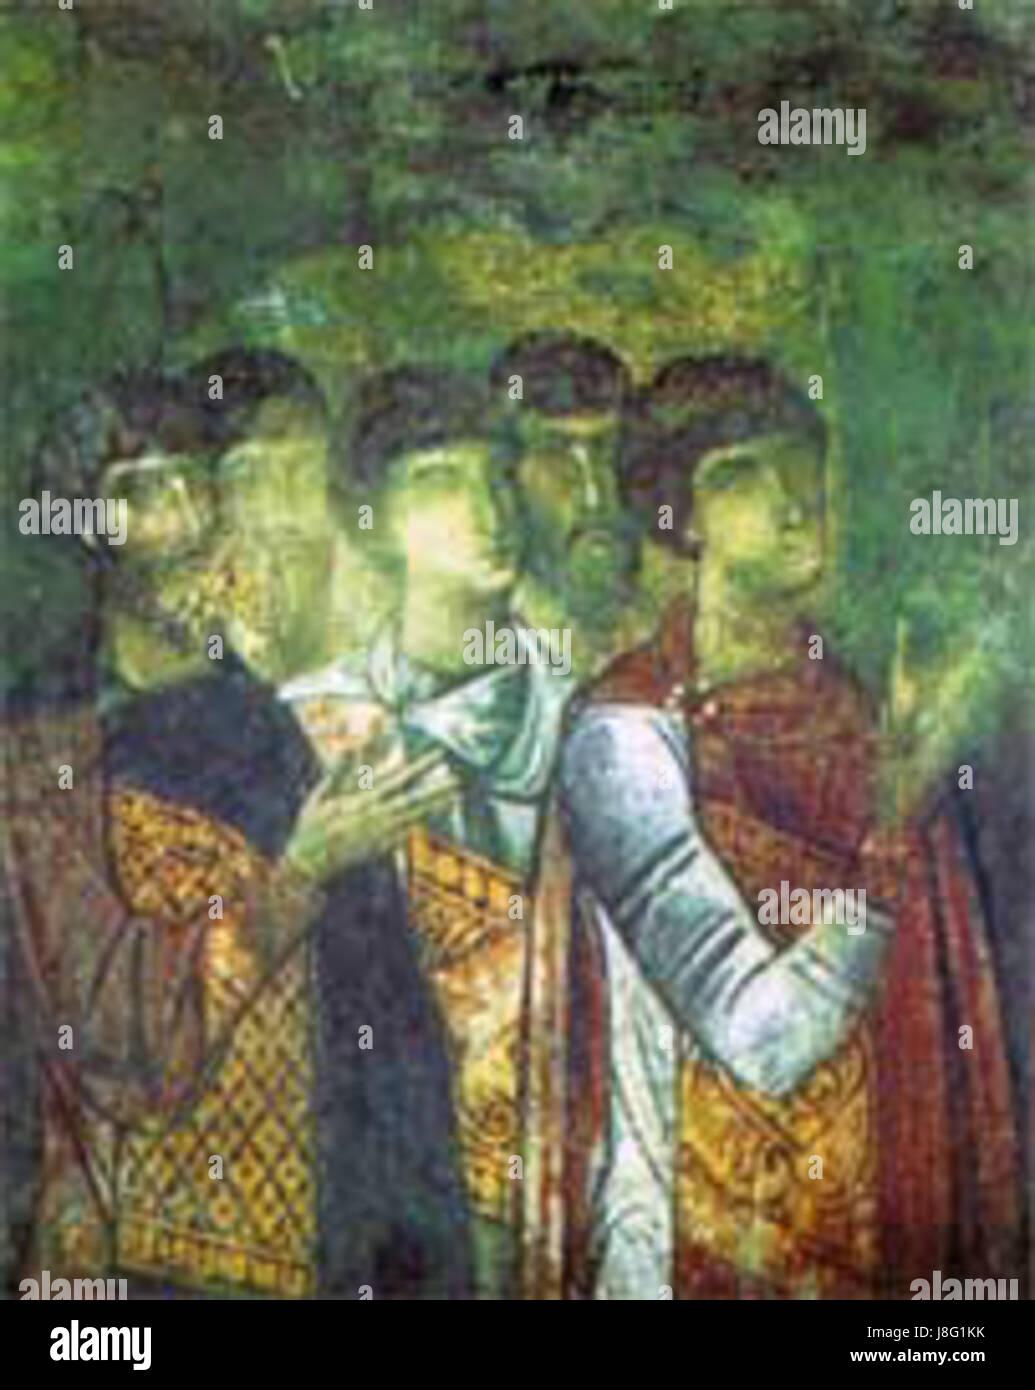 Tag Des Jüngsten Gerichts Ein Fresko Aus Aladsha Stockfoto Bild